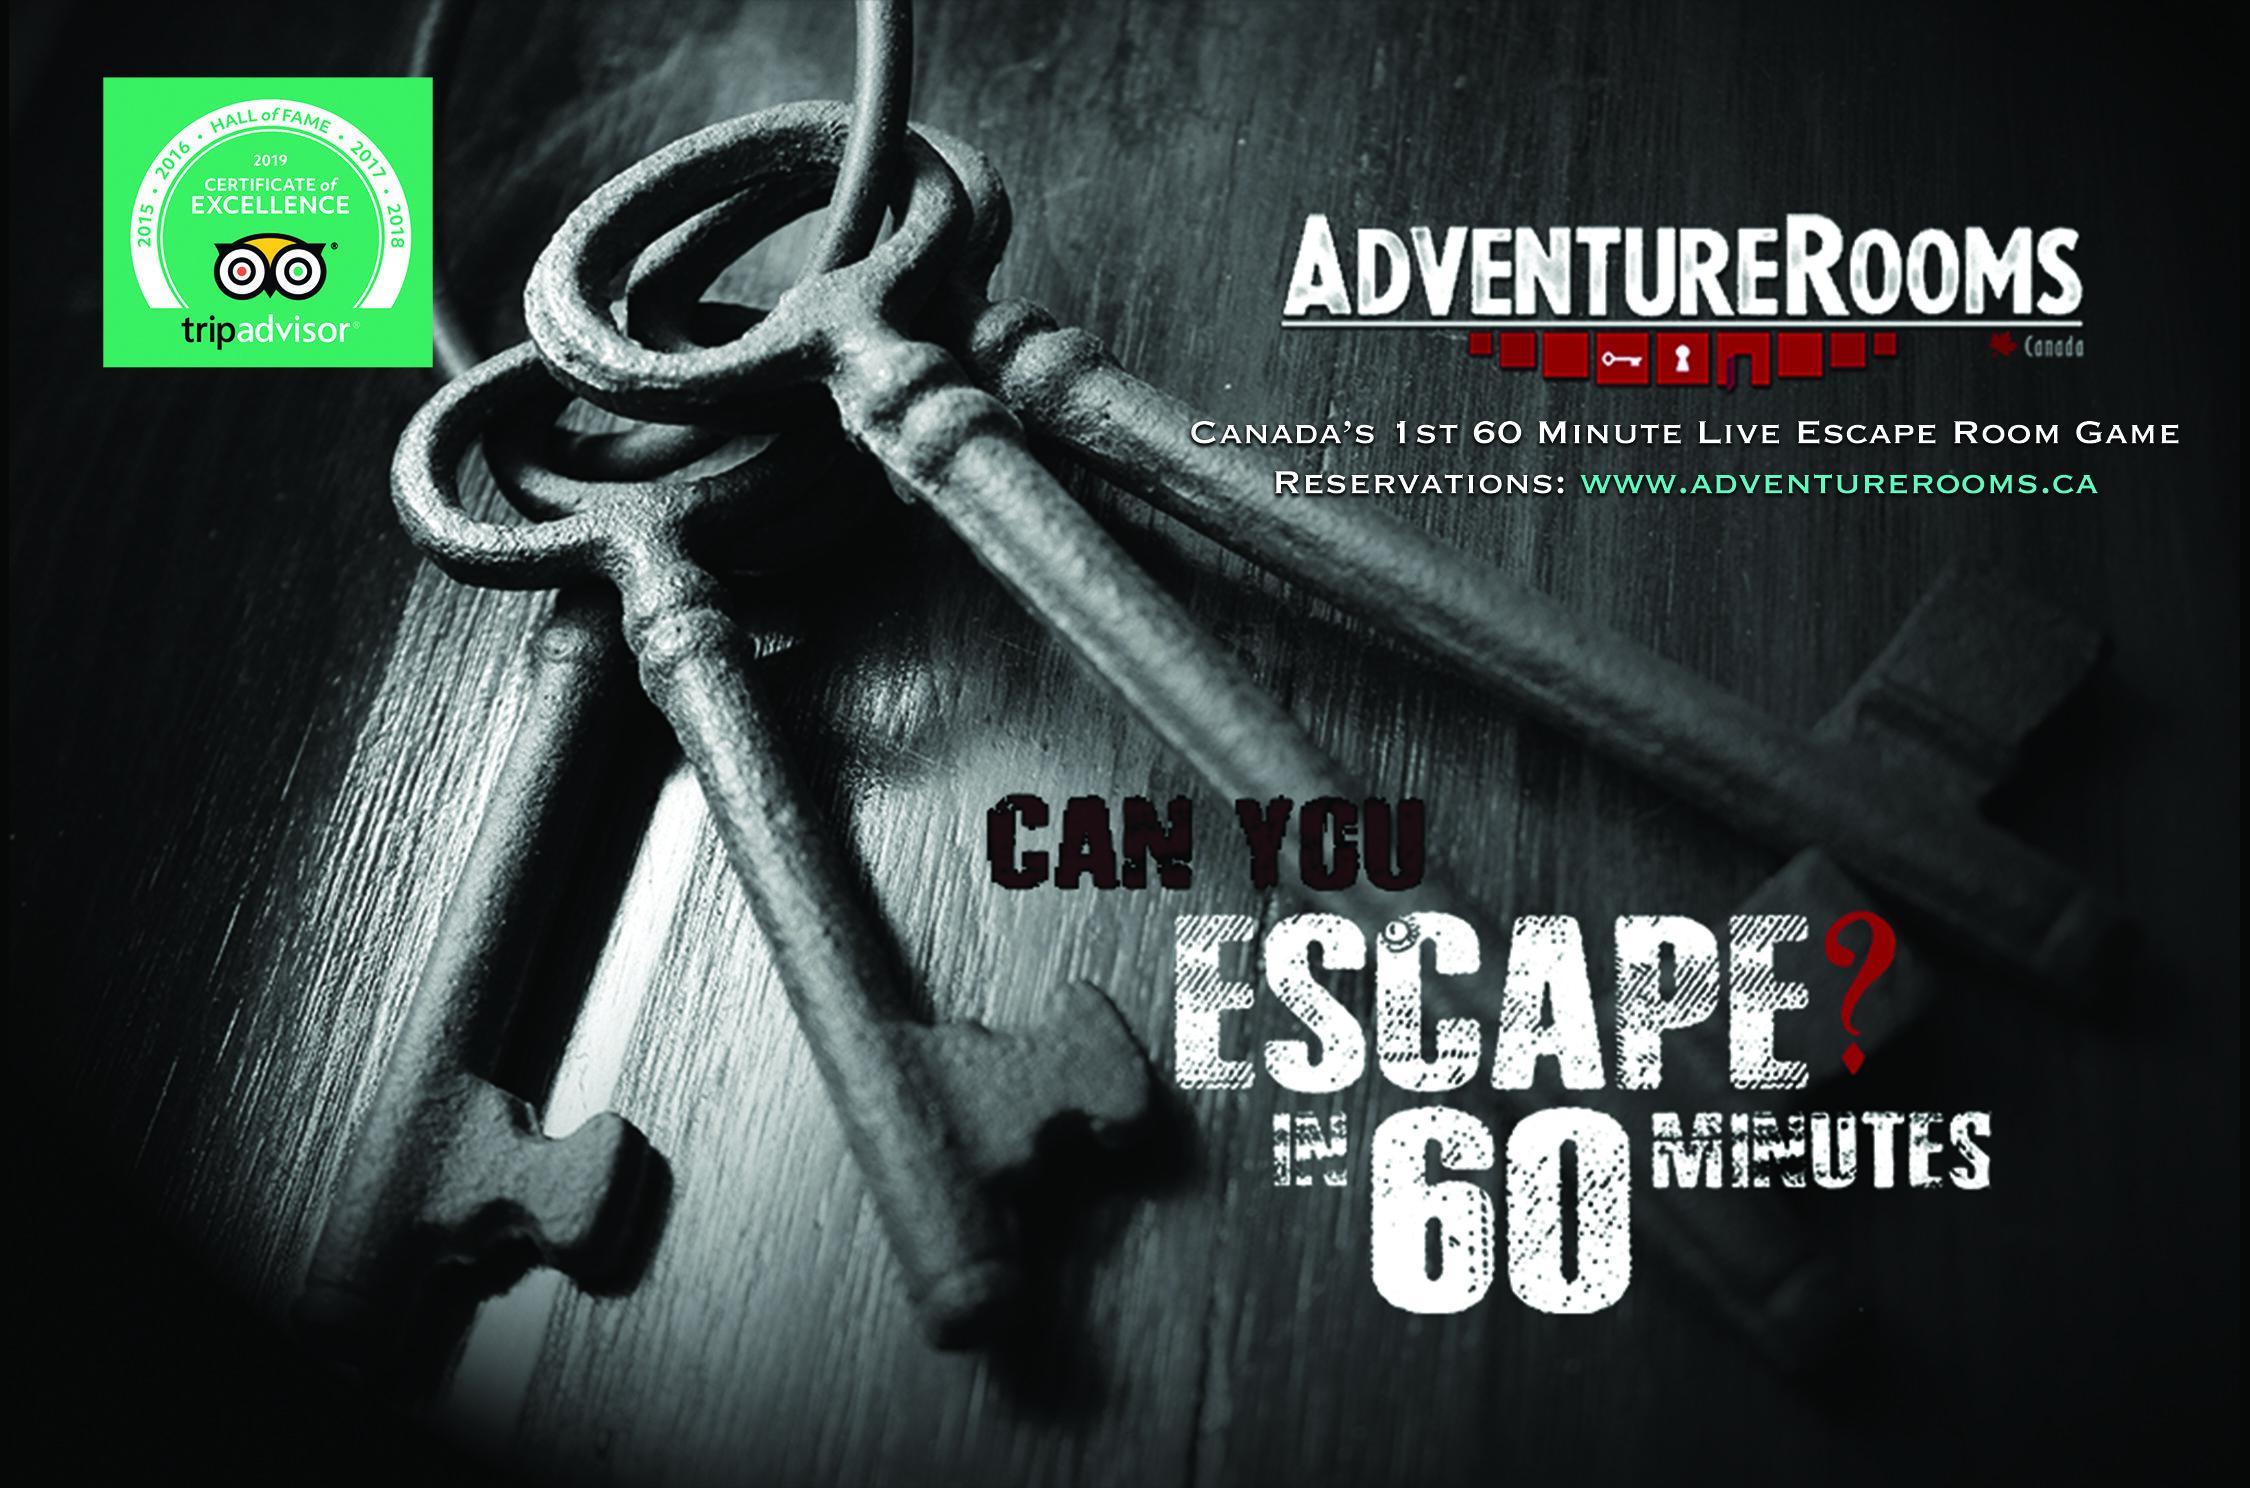 Adventure rooms Canada ad.jpg